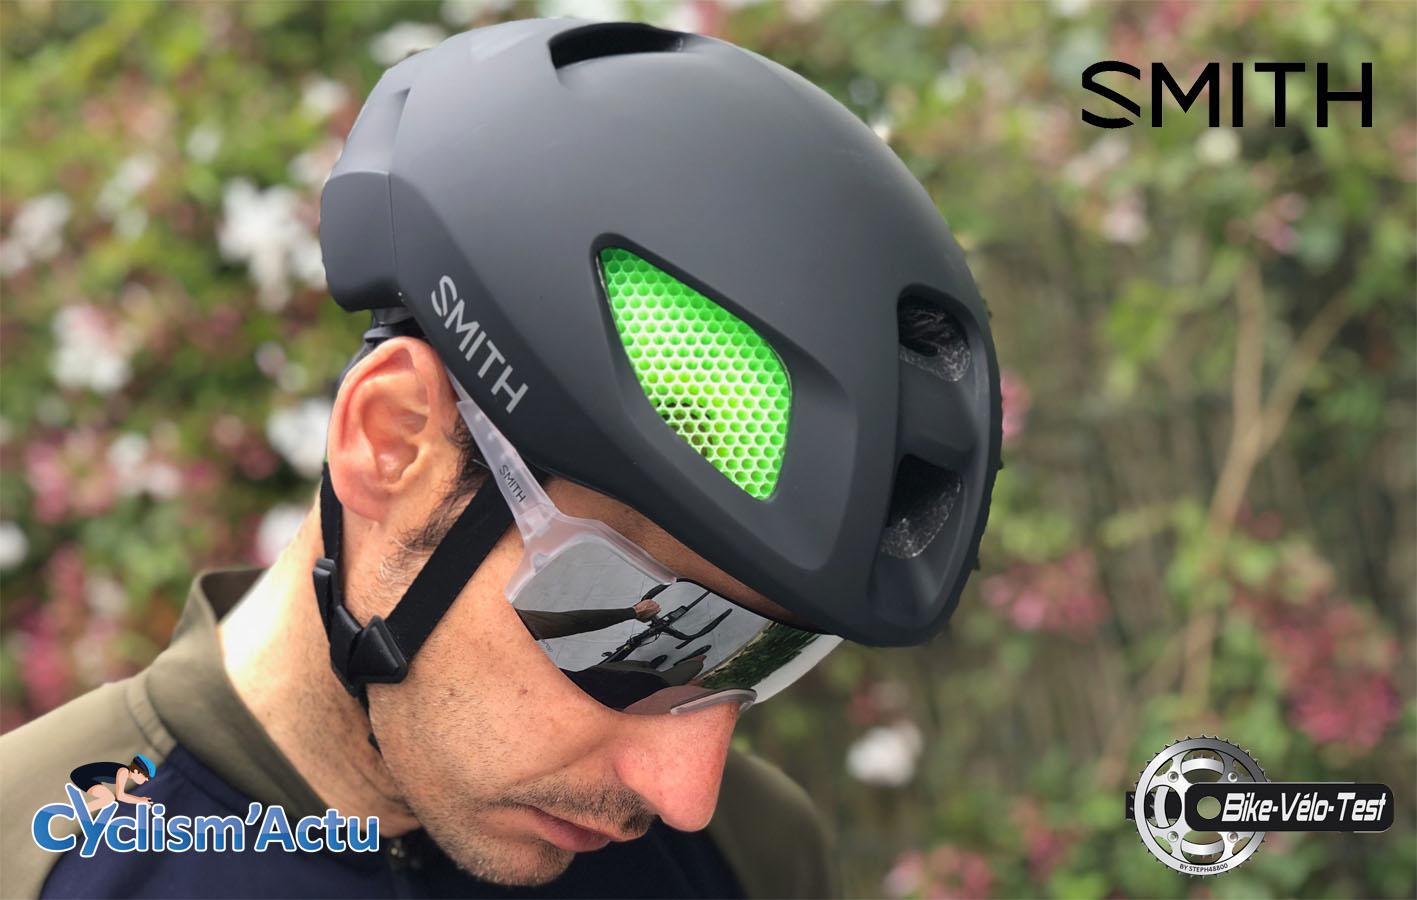 Bike Vélo Test - Cyclism'Actu a testé le casque et lunettes Smith